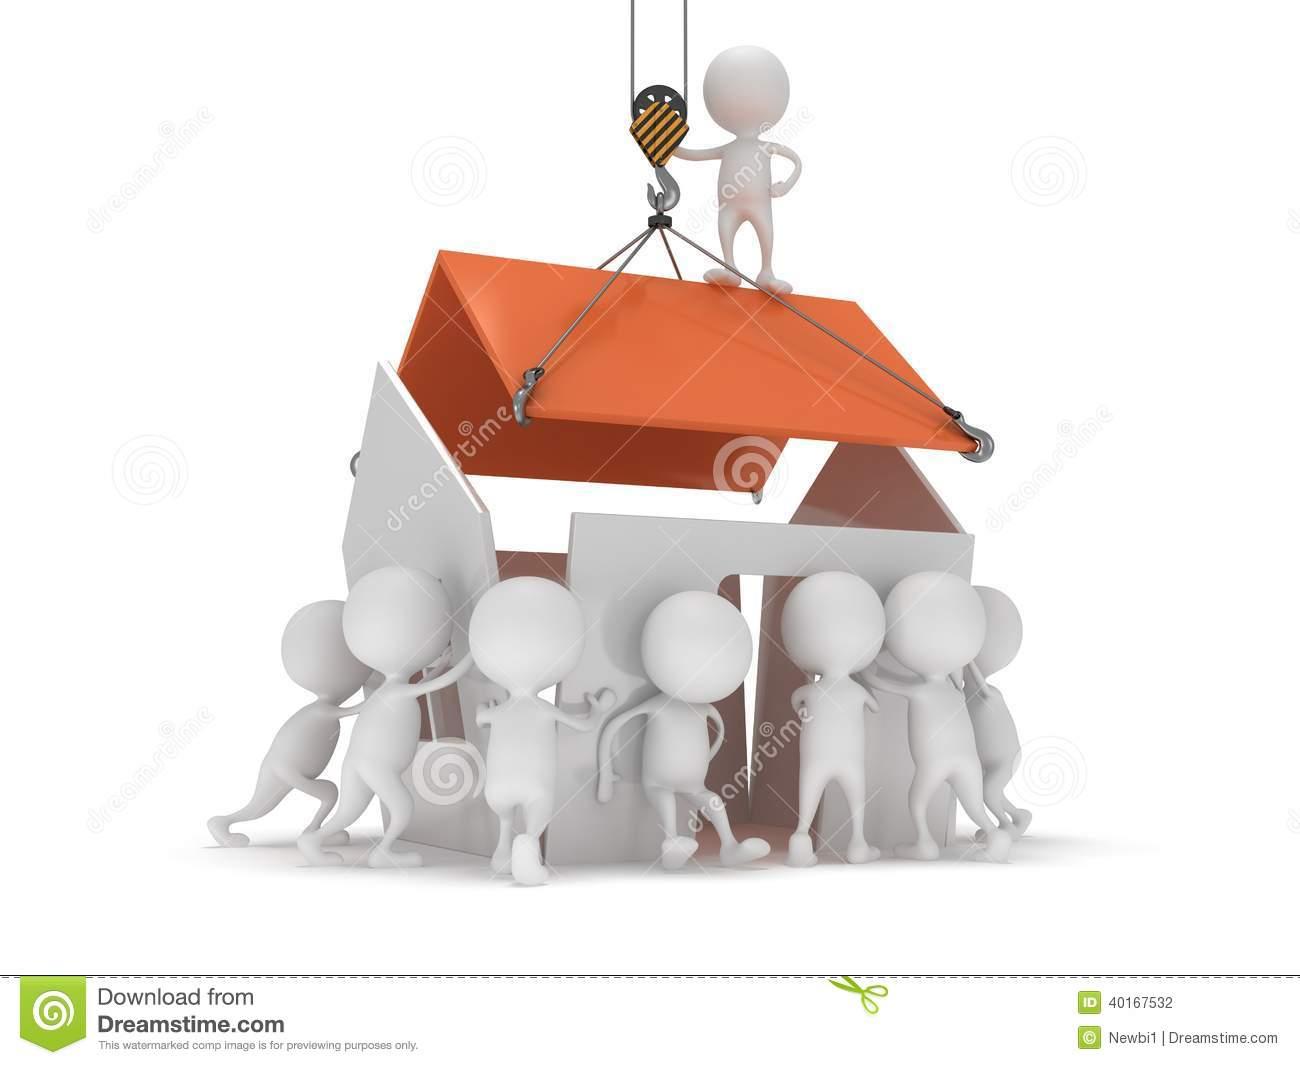 Haus bauen clipart clip art download Leute 3D Bauen Ein Haus Stock Abbildung - Bild: 40167532 clip art download